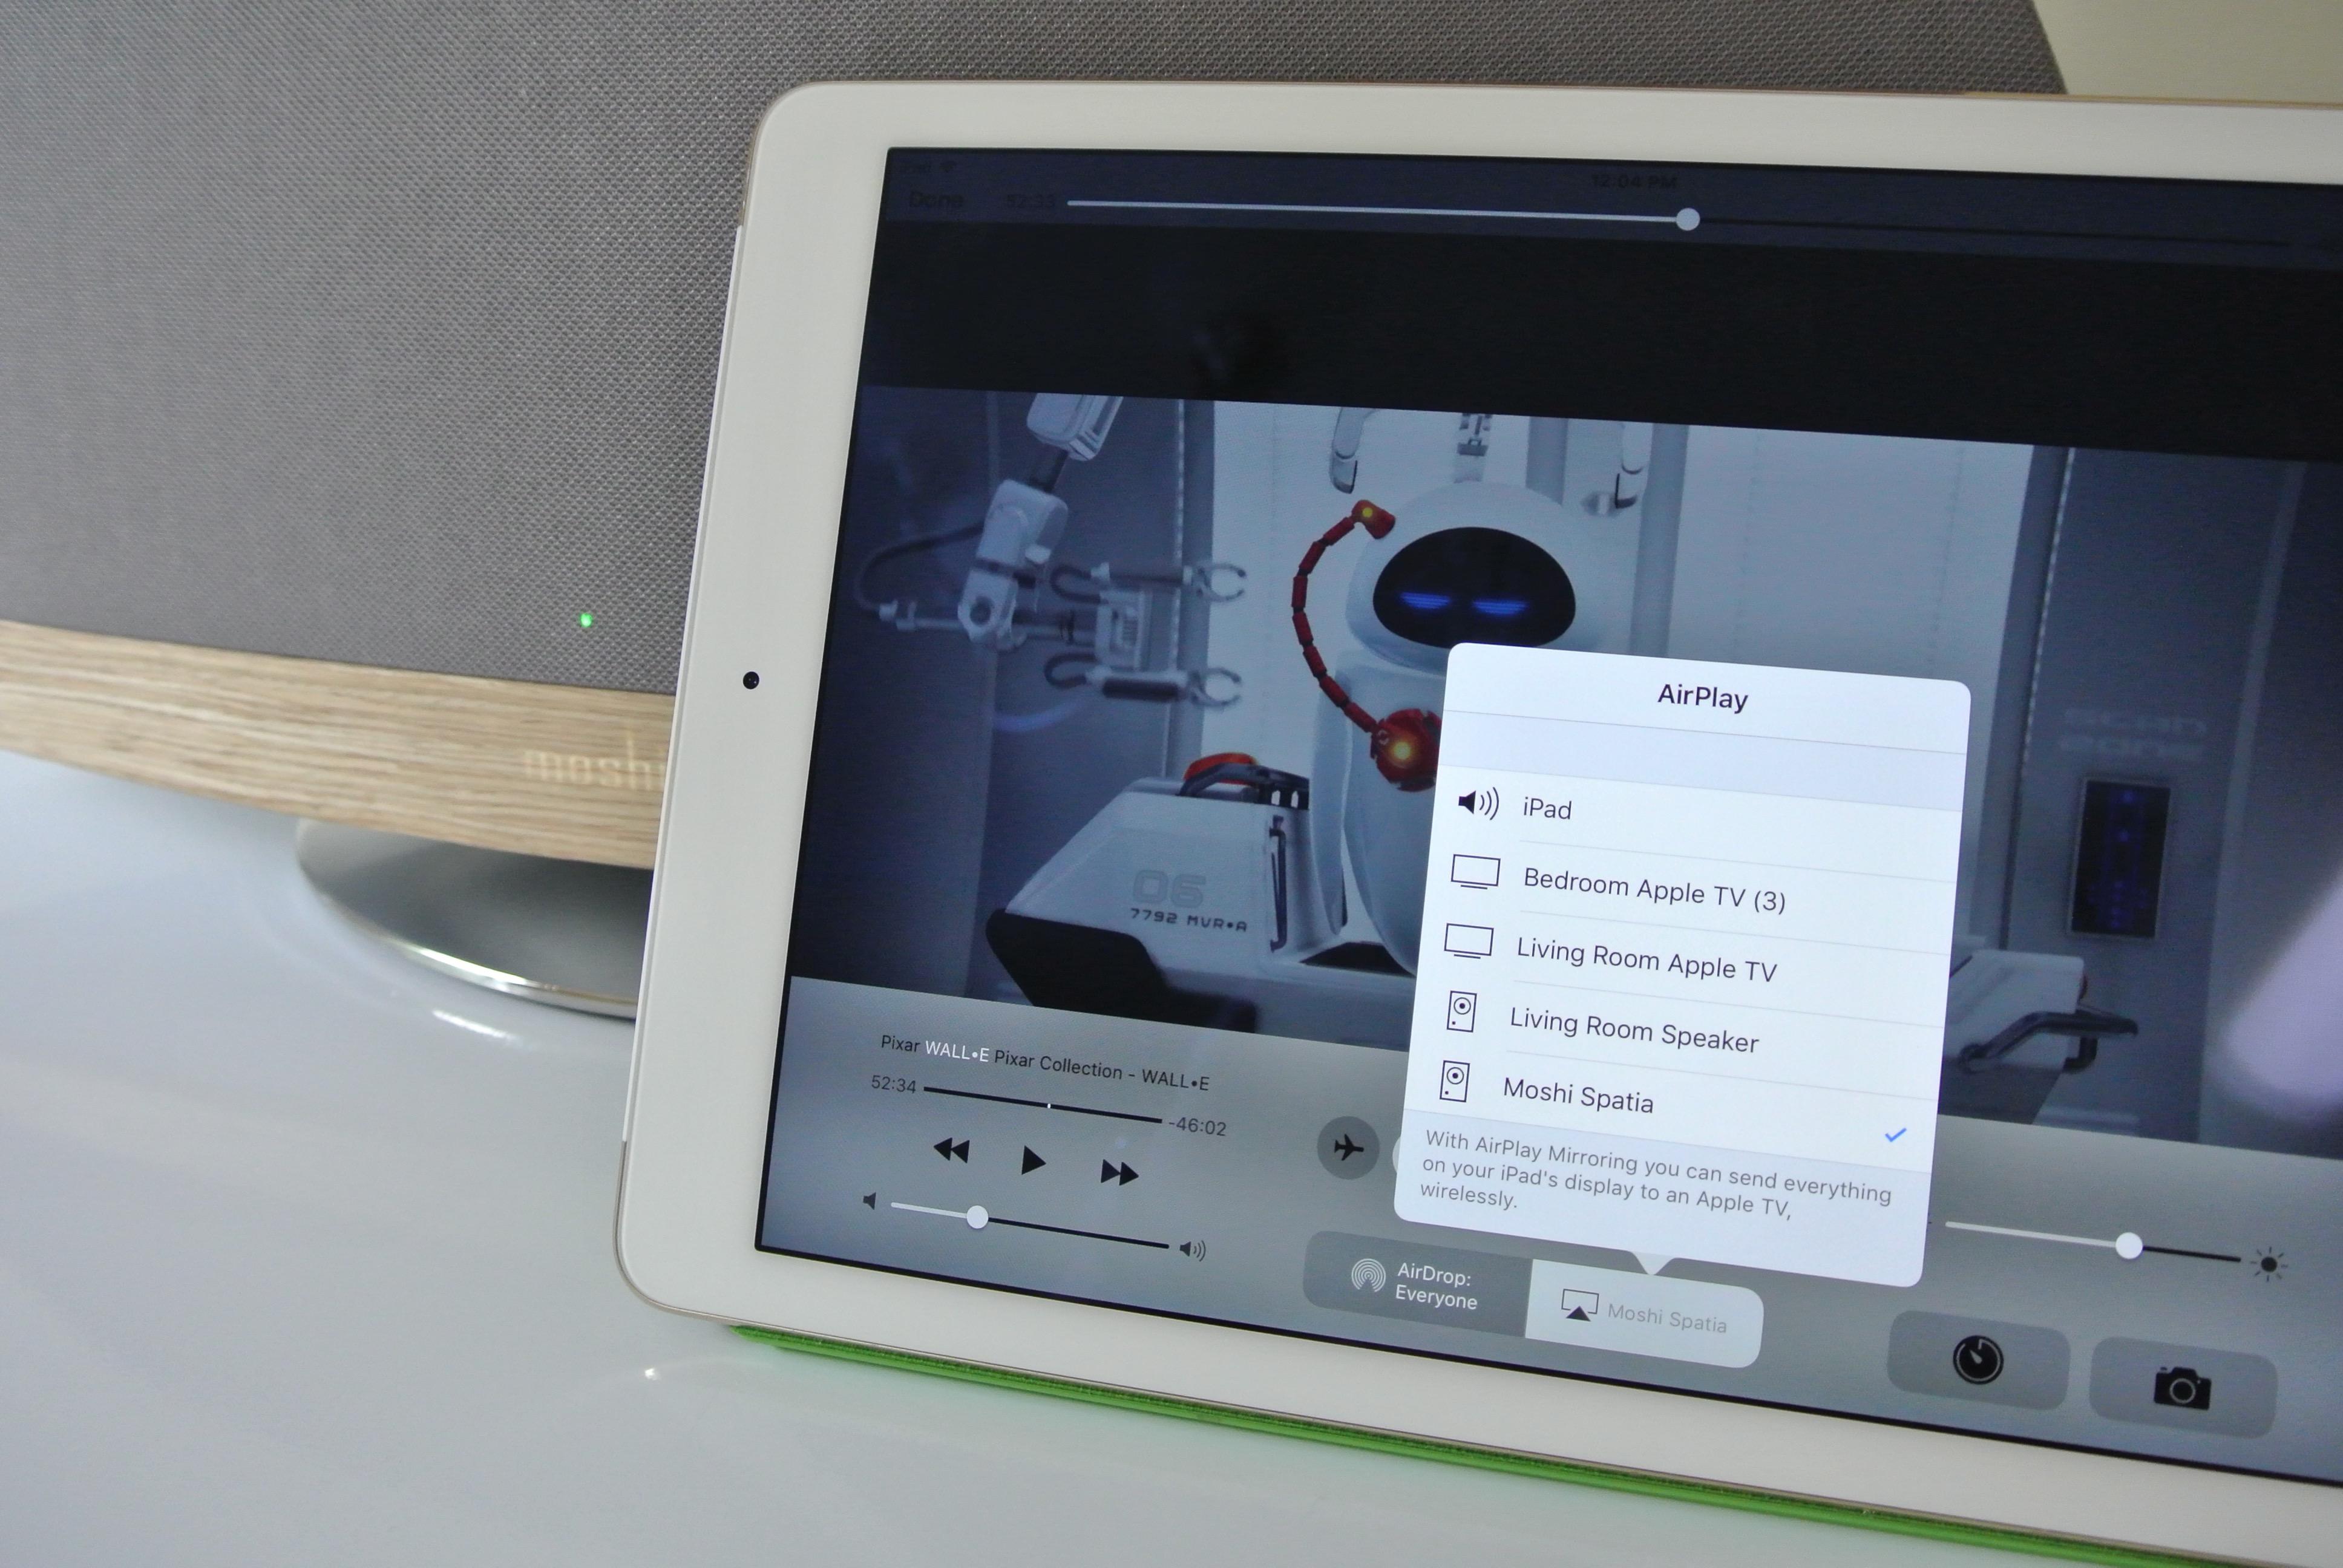 Moshi Spatia iPad